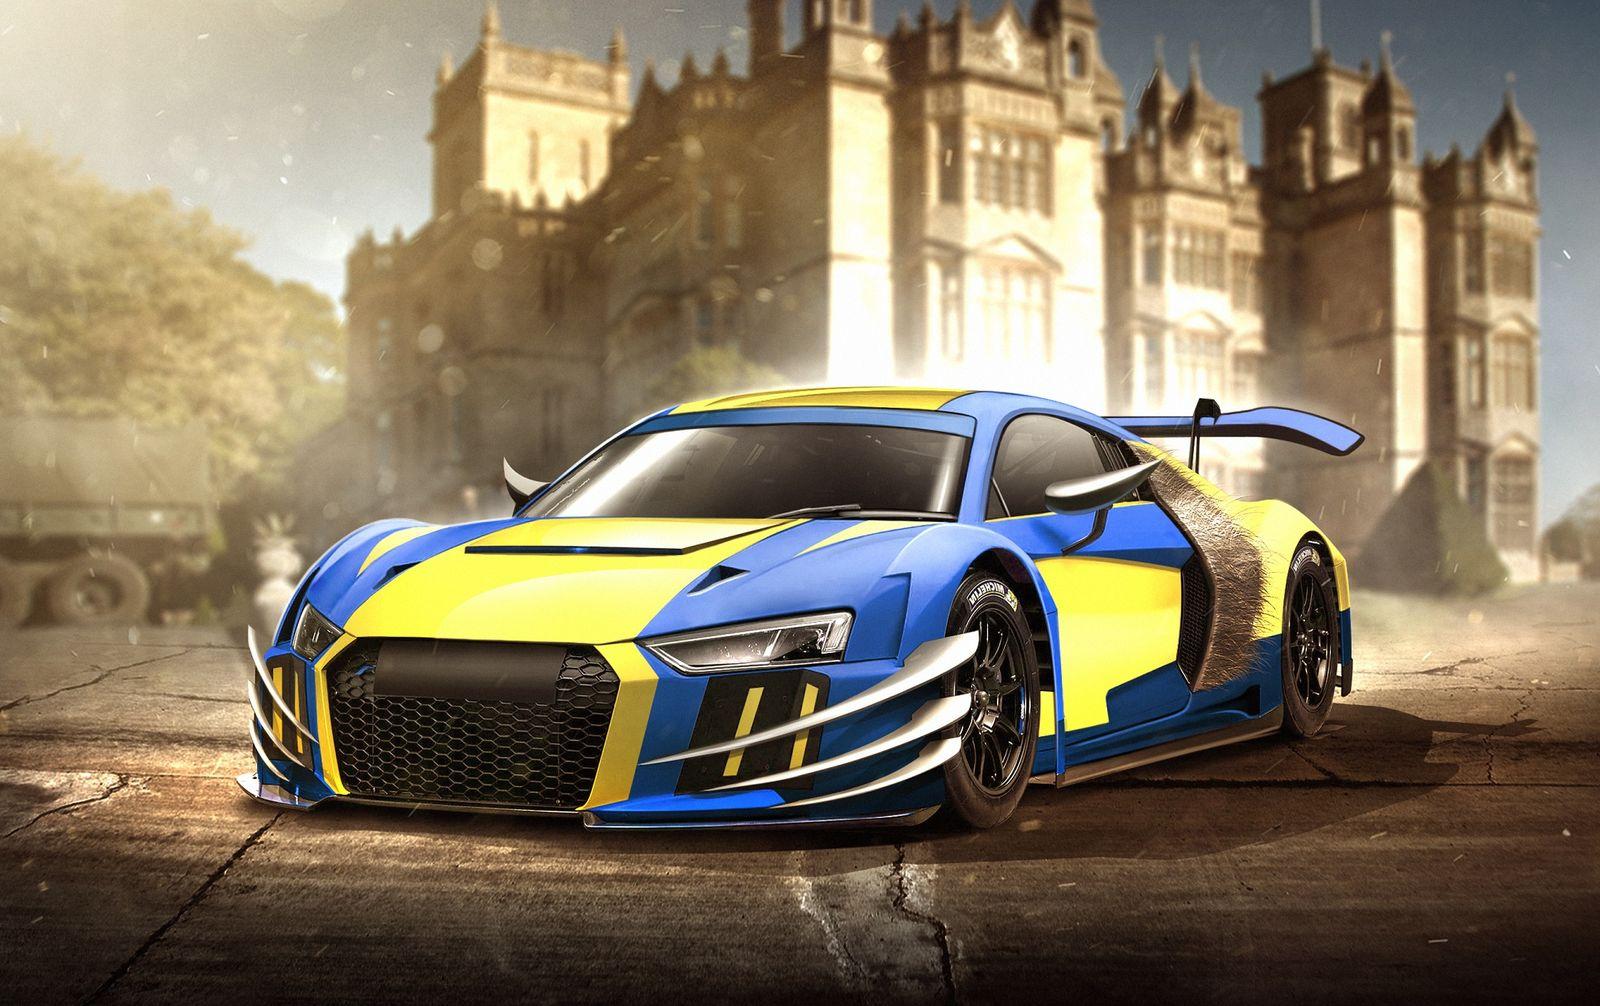 superhero-car-designs-opn-gallery-4.jpg